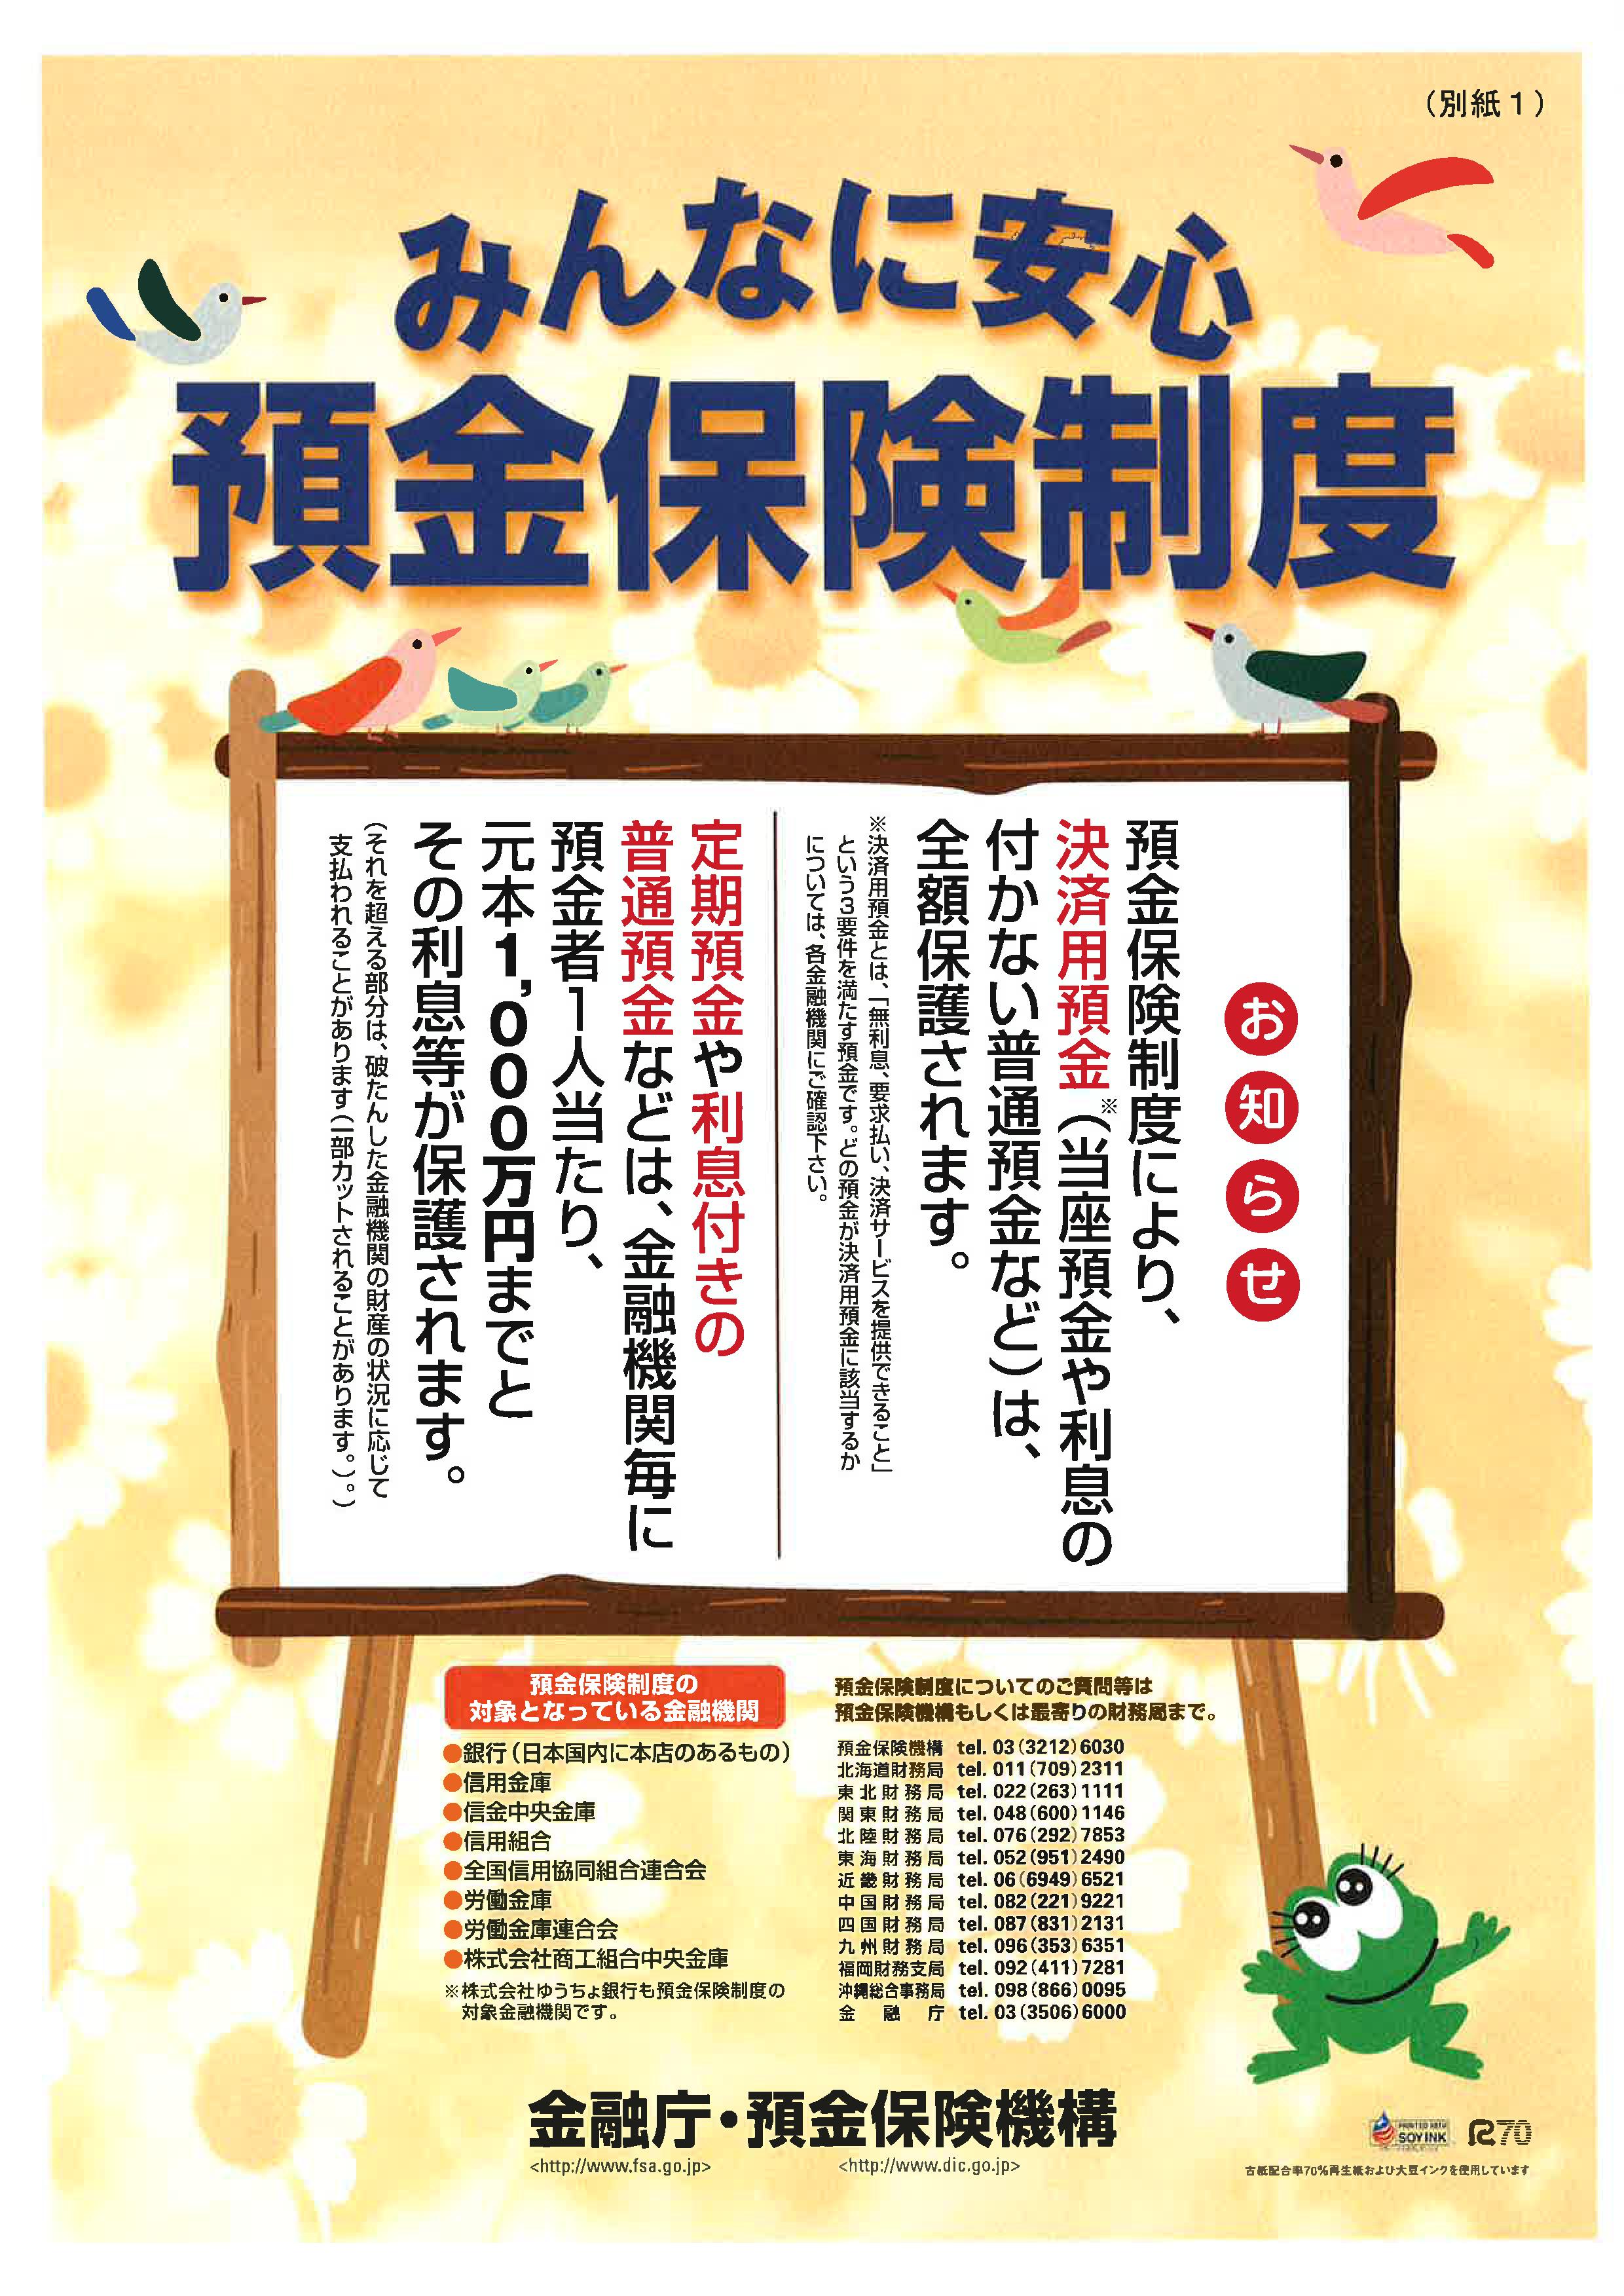 https://www.enshu-shinkin.jp/policy/images/yokinhokenseido_171205.png